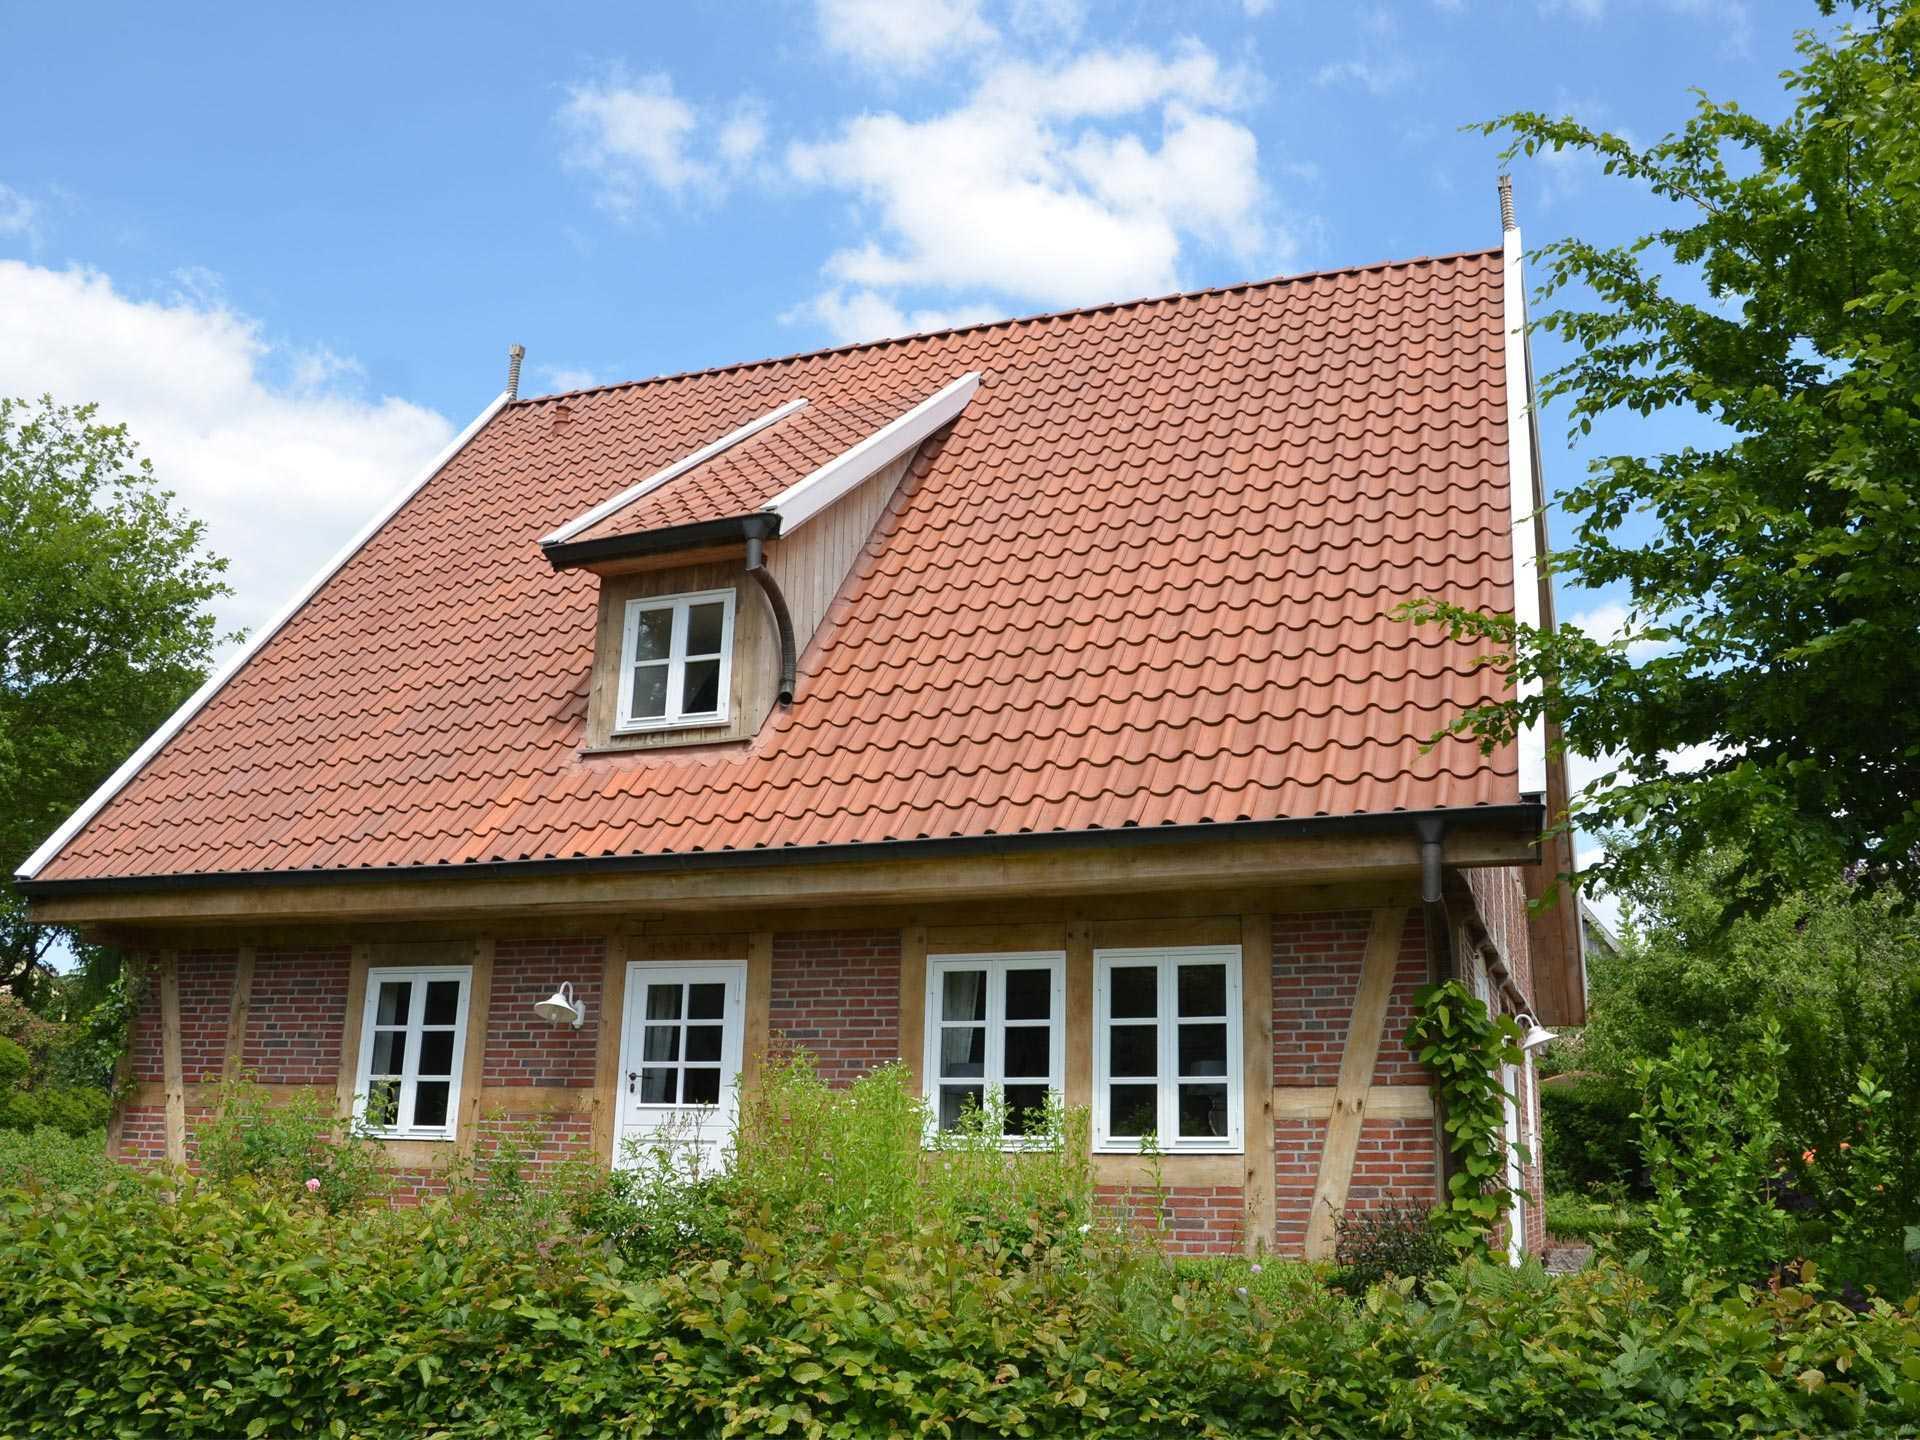 Musterhaus melle deutsche landhaus klassiker for Landhaus bauen